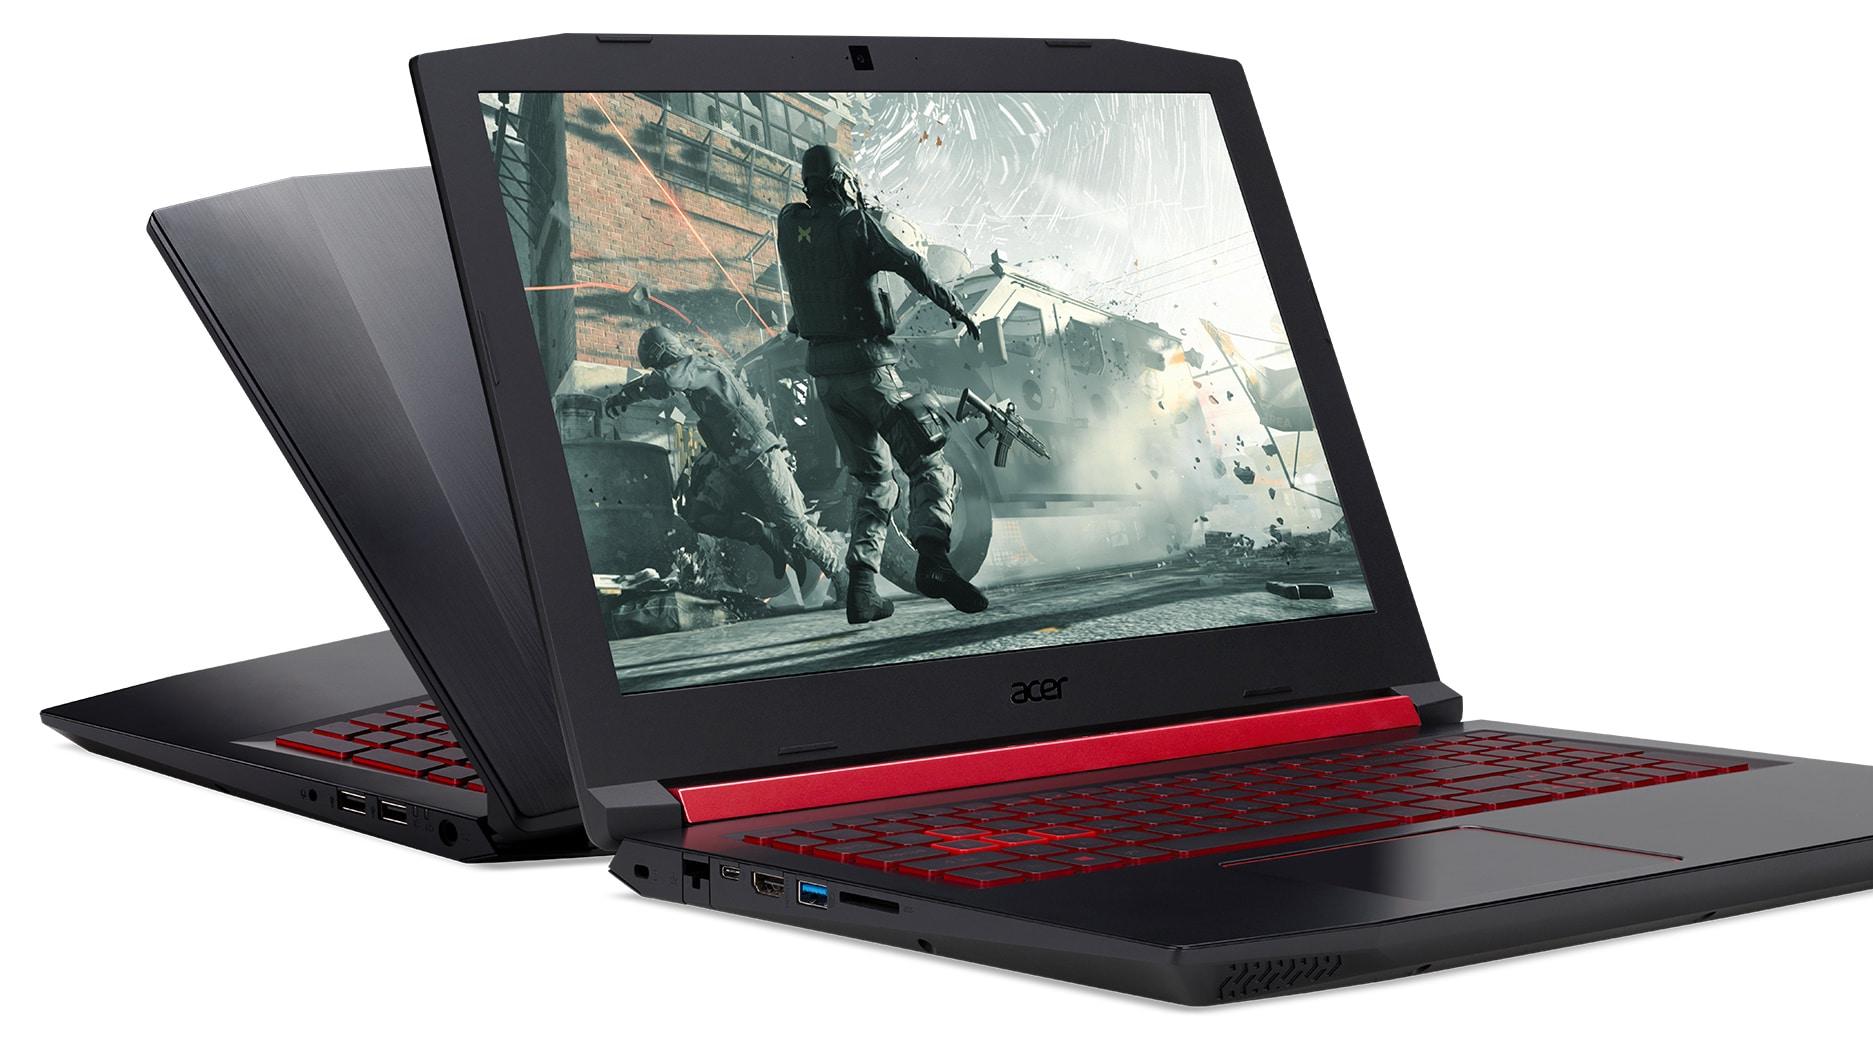 Revue de presse des tests publiés sur le Web (Acer Nitro 5 AN515-51)